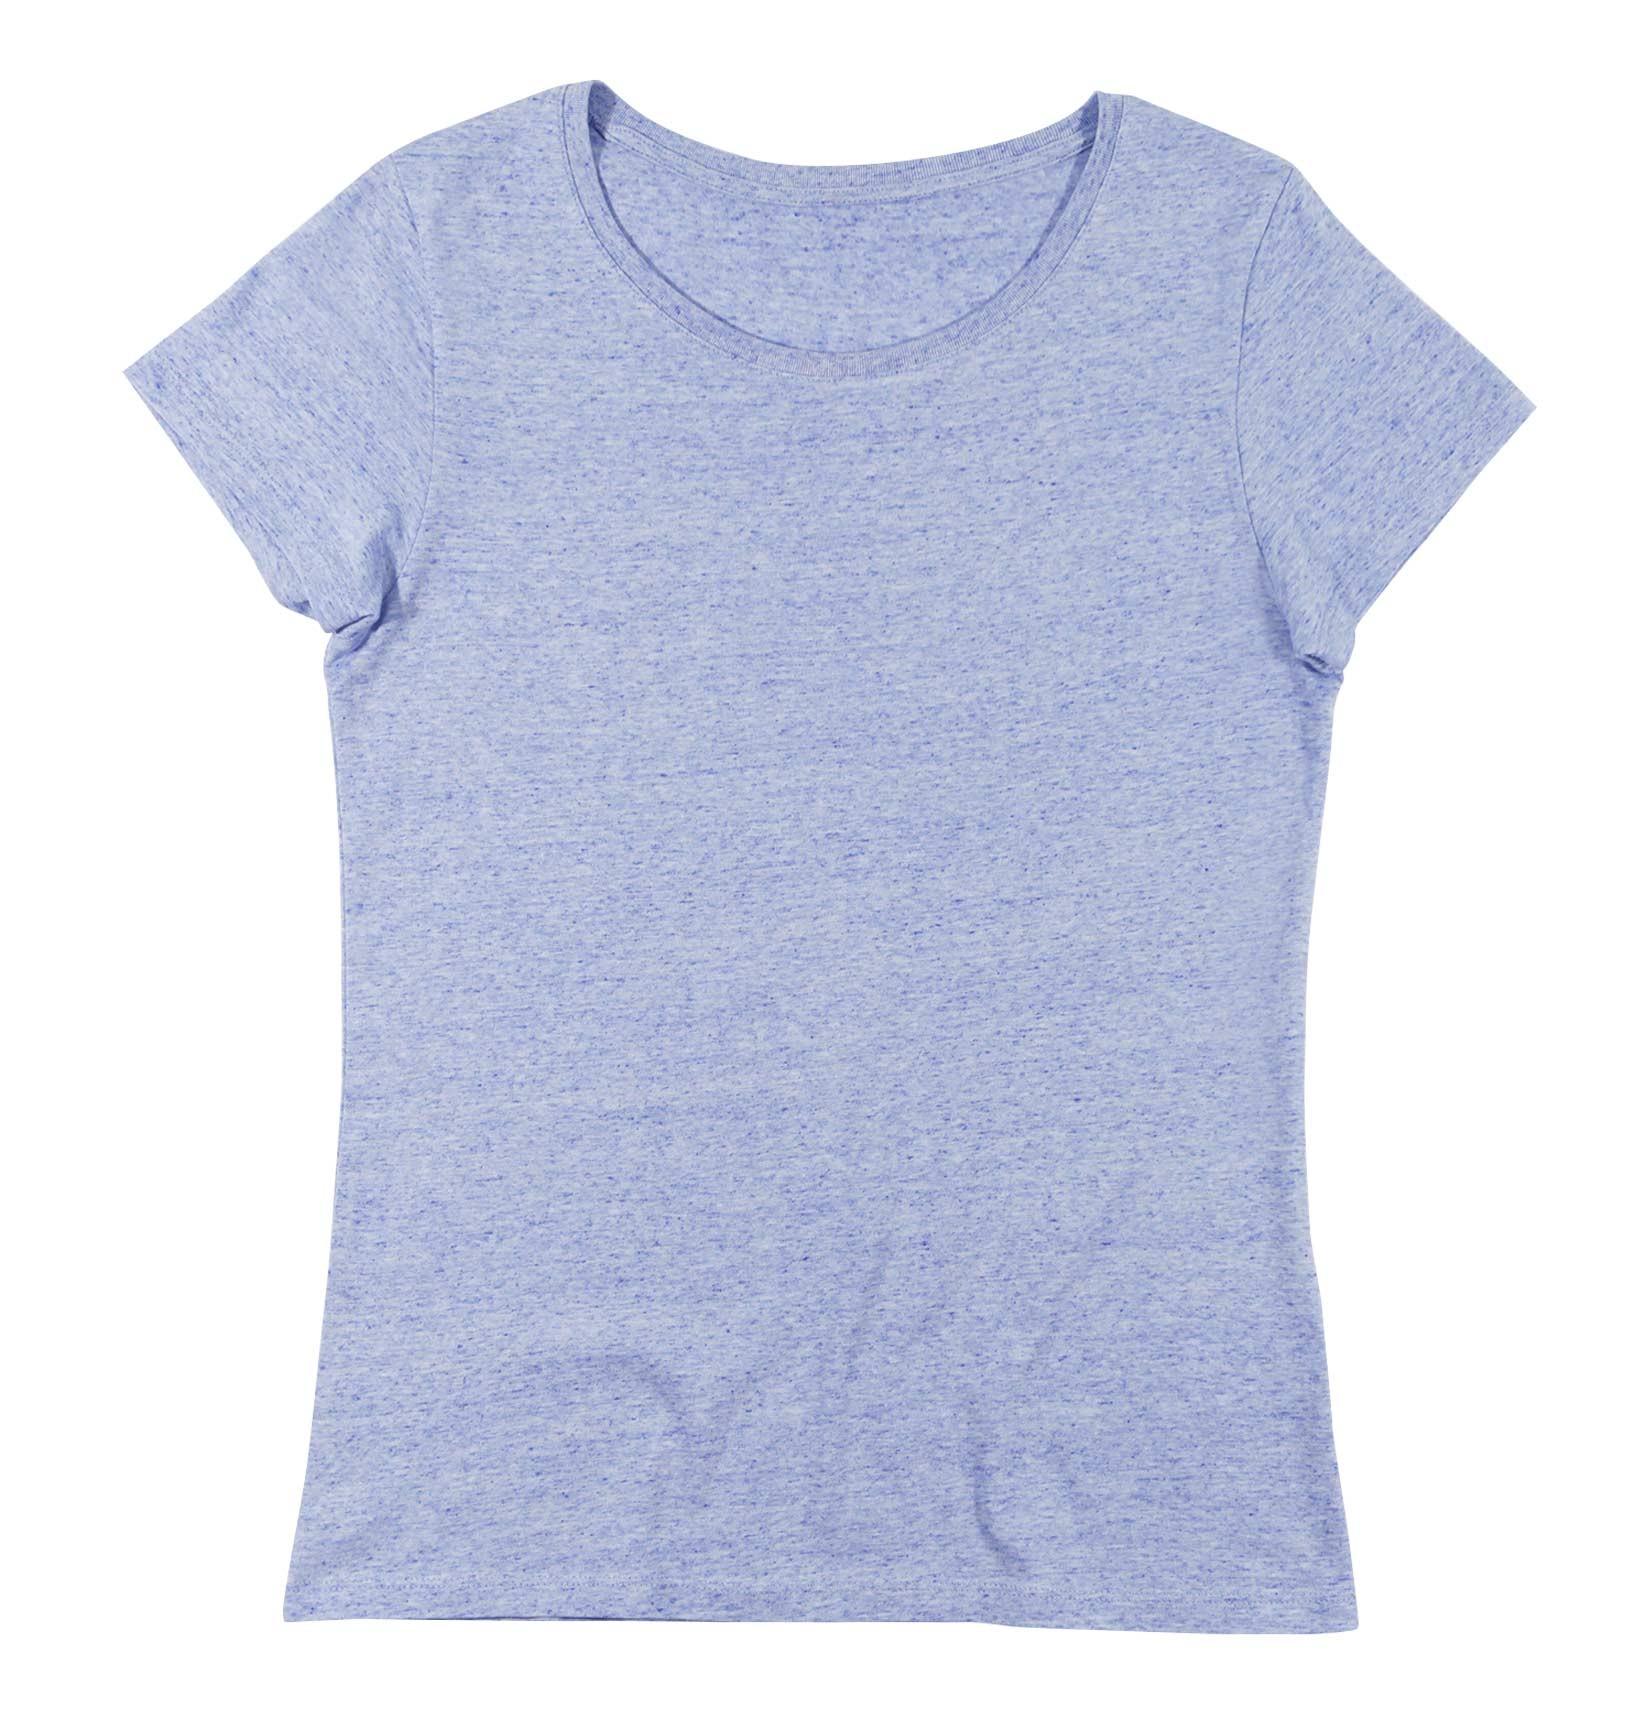 bc61f82b01936 T-shirt pour Femme Femme Bleu Ciel Chiné de couleur Bleu chiné. 1